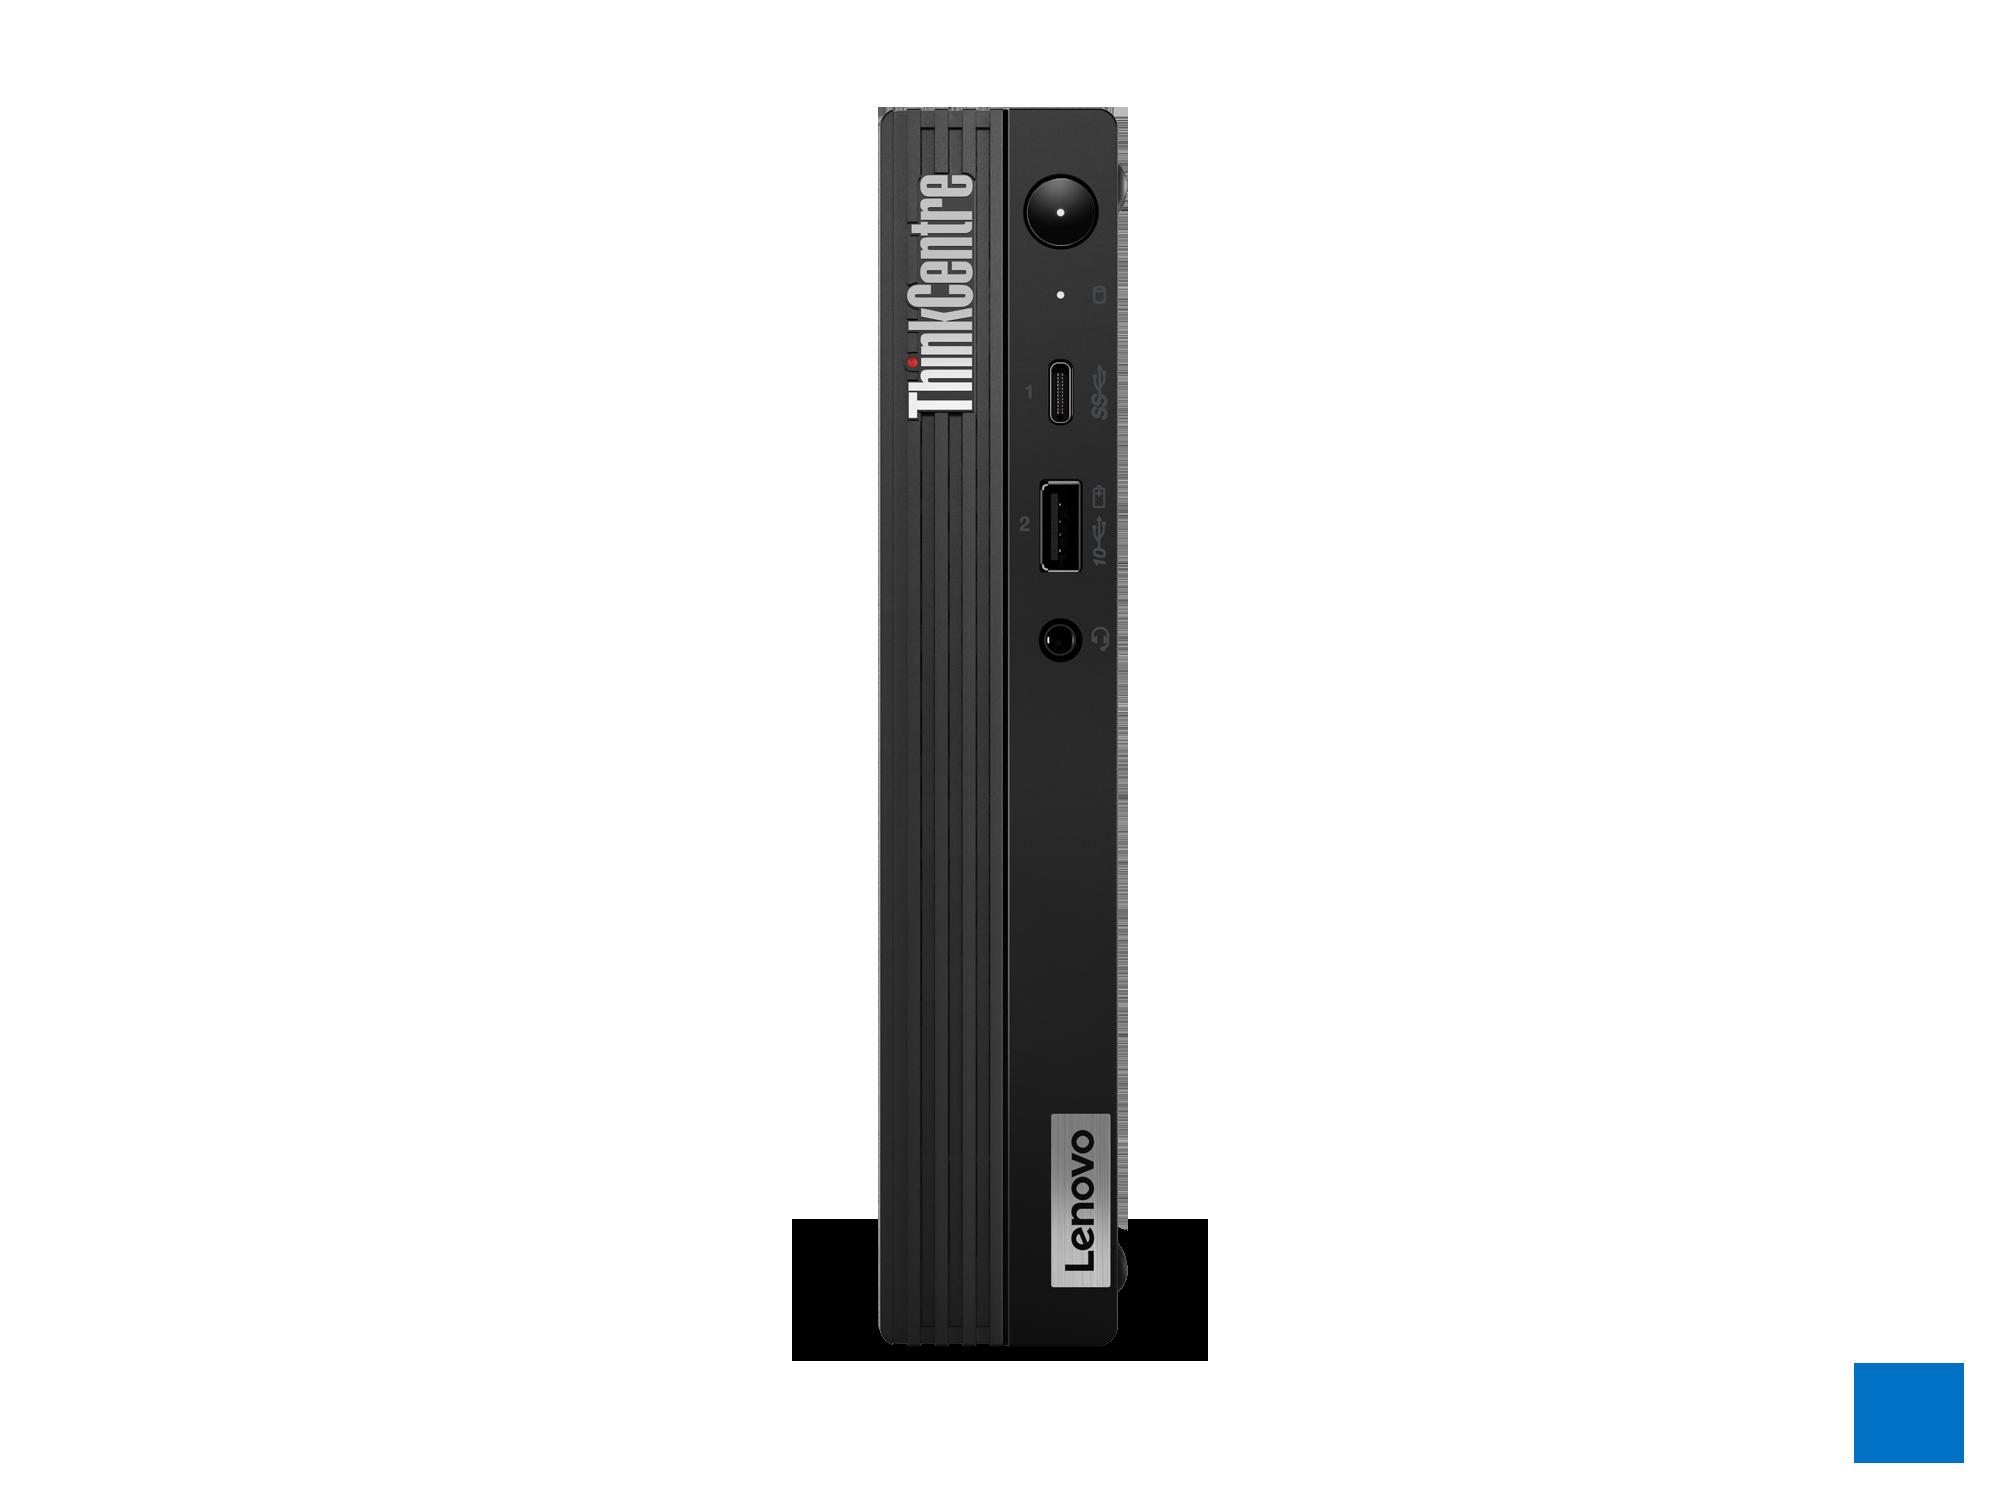 Lenovo TC M70q Tiny/i5-10400T/256/8GB/W10P